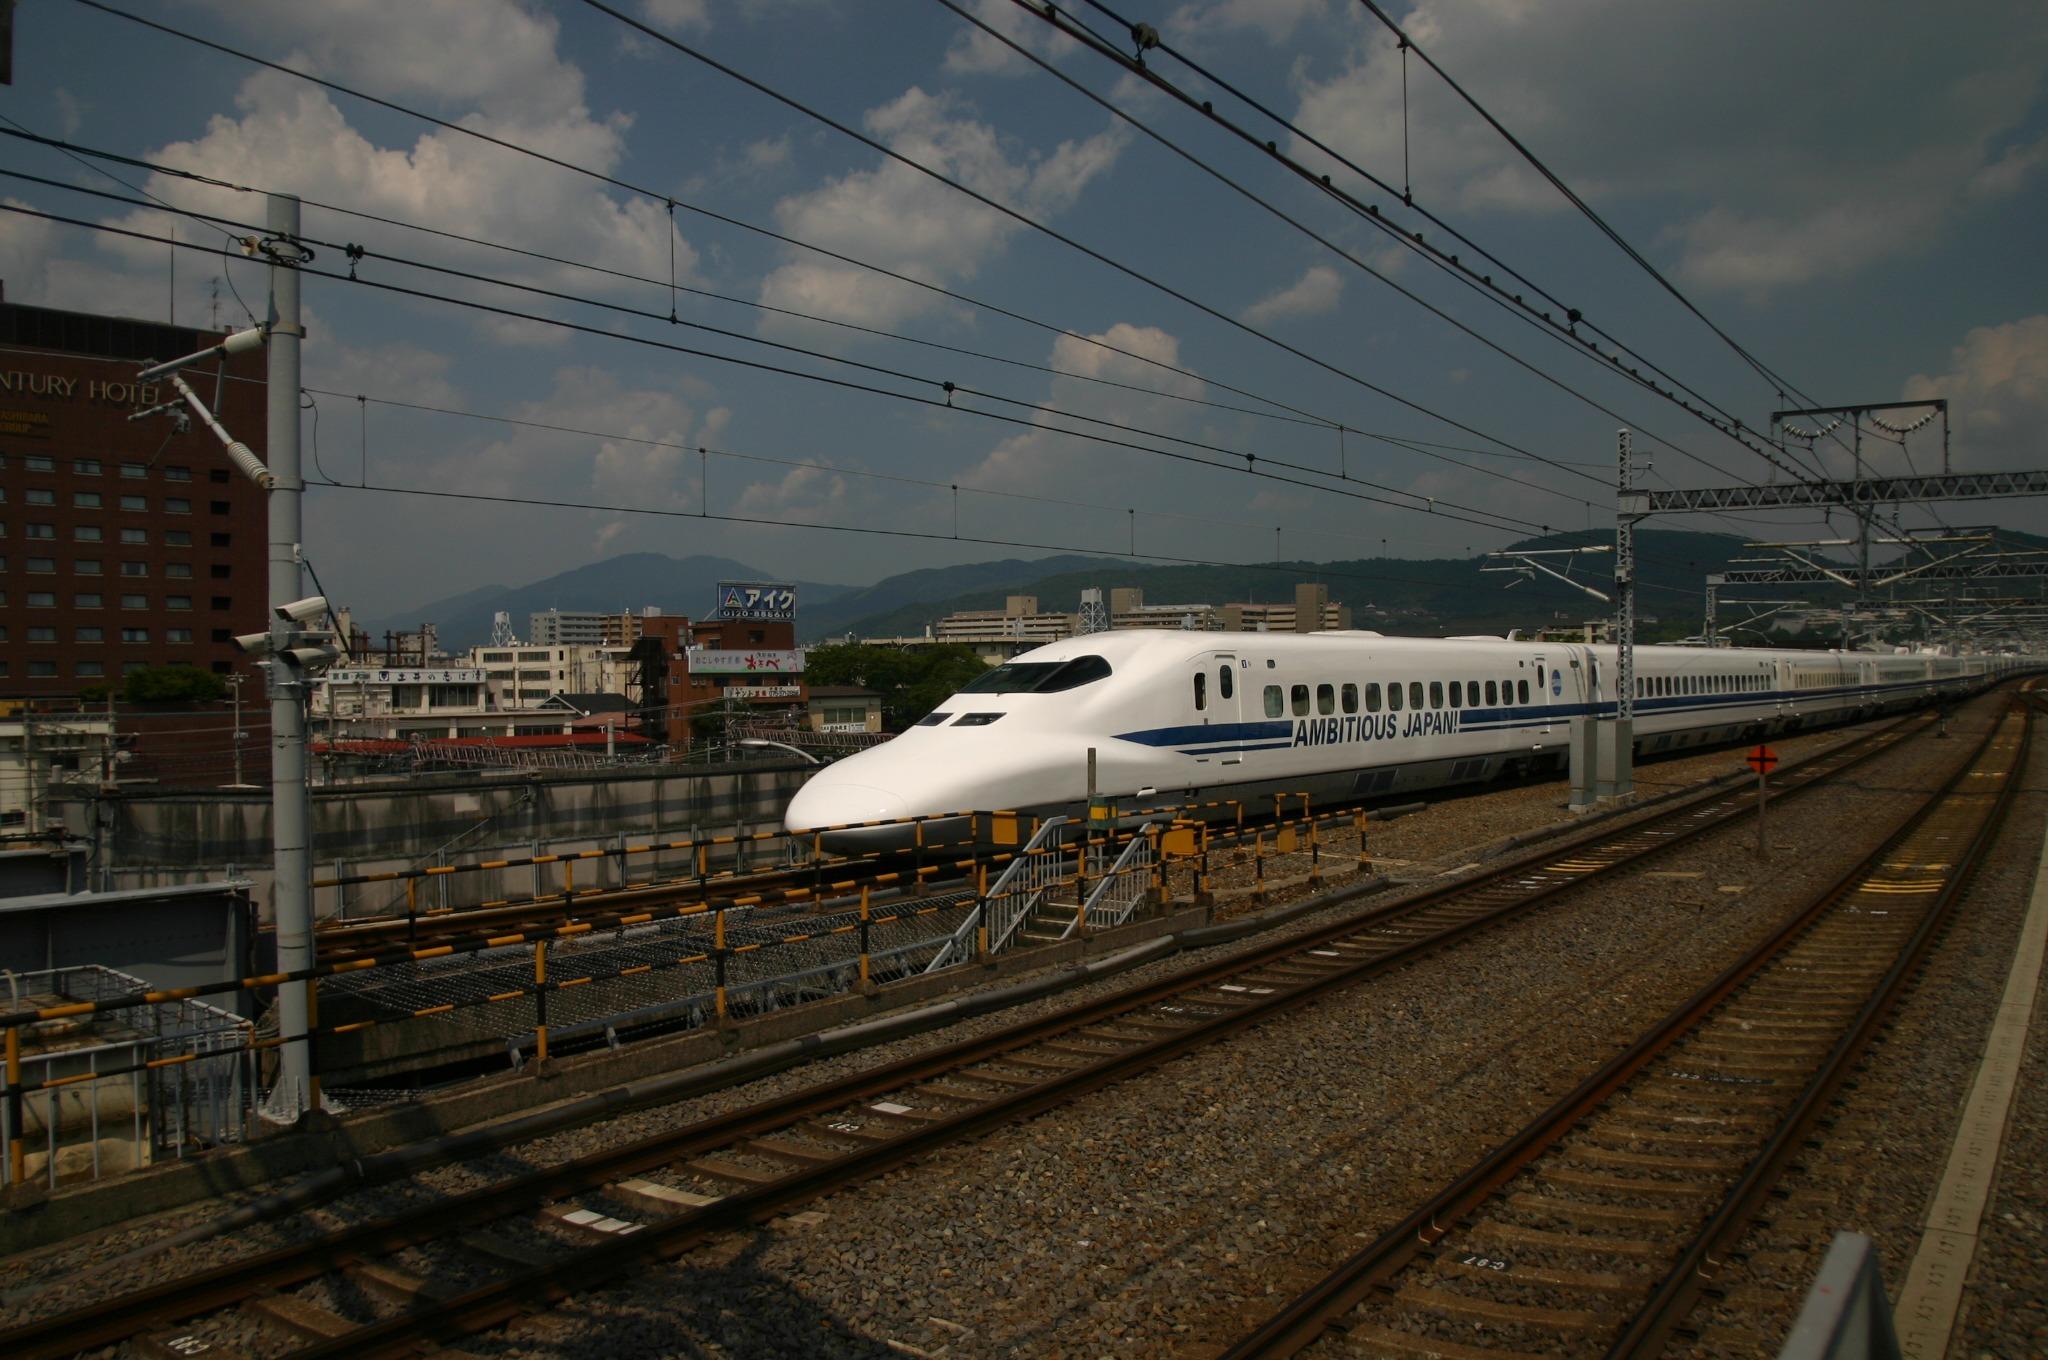 京都駅でのぞみを撮影